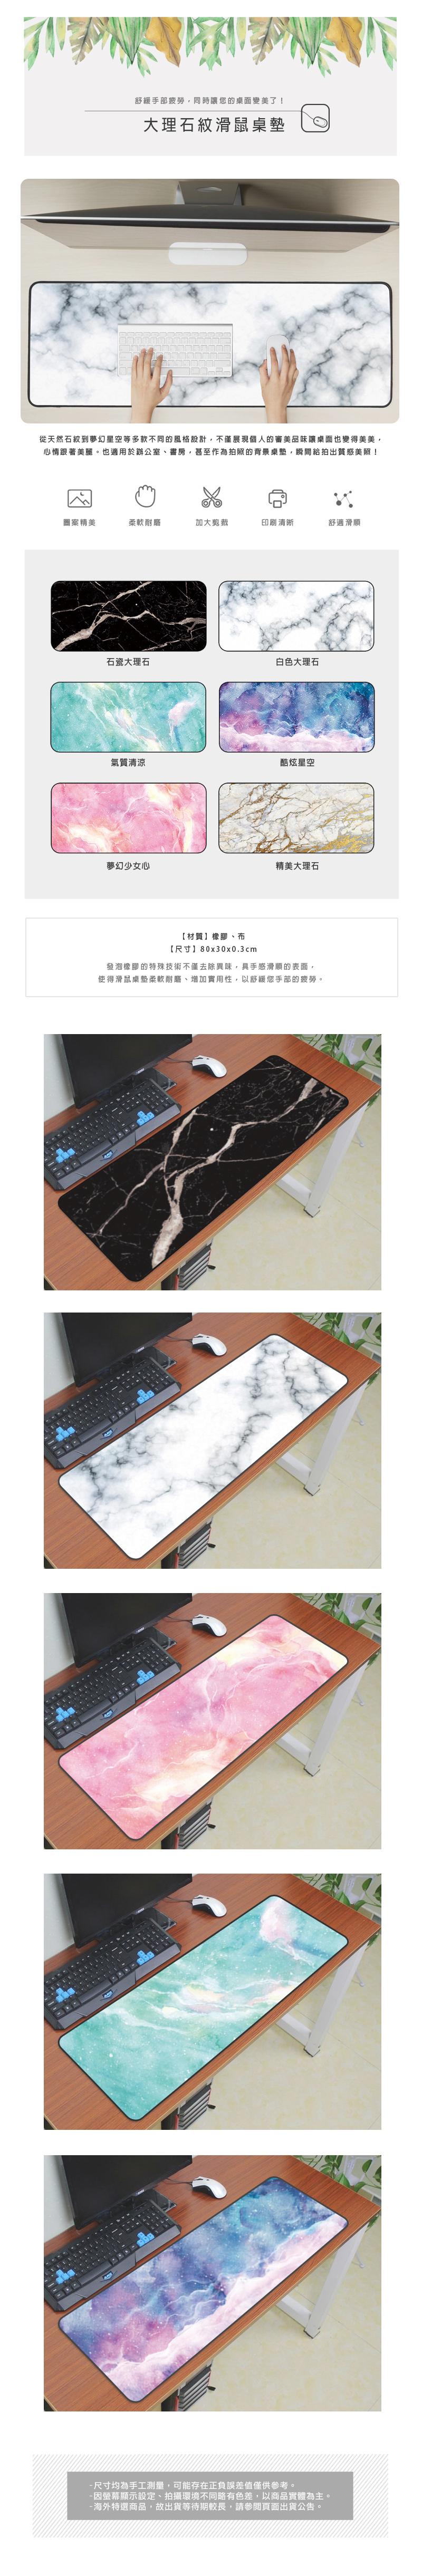 大理石紋滑鼠桌墊0615